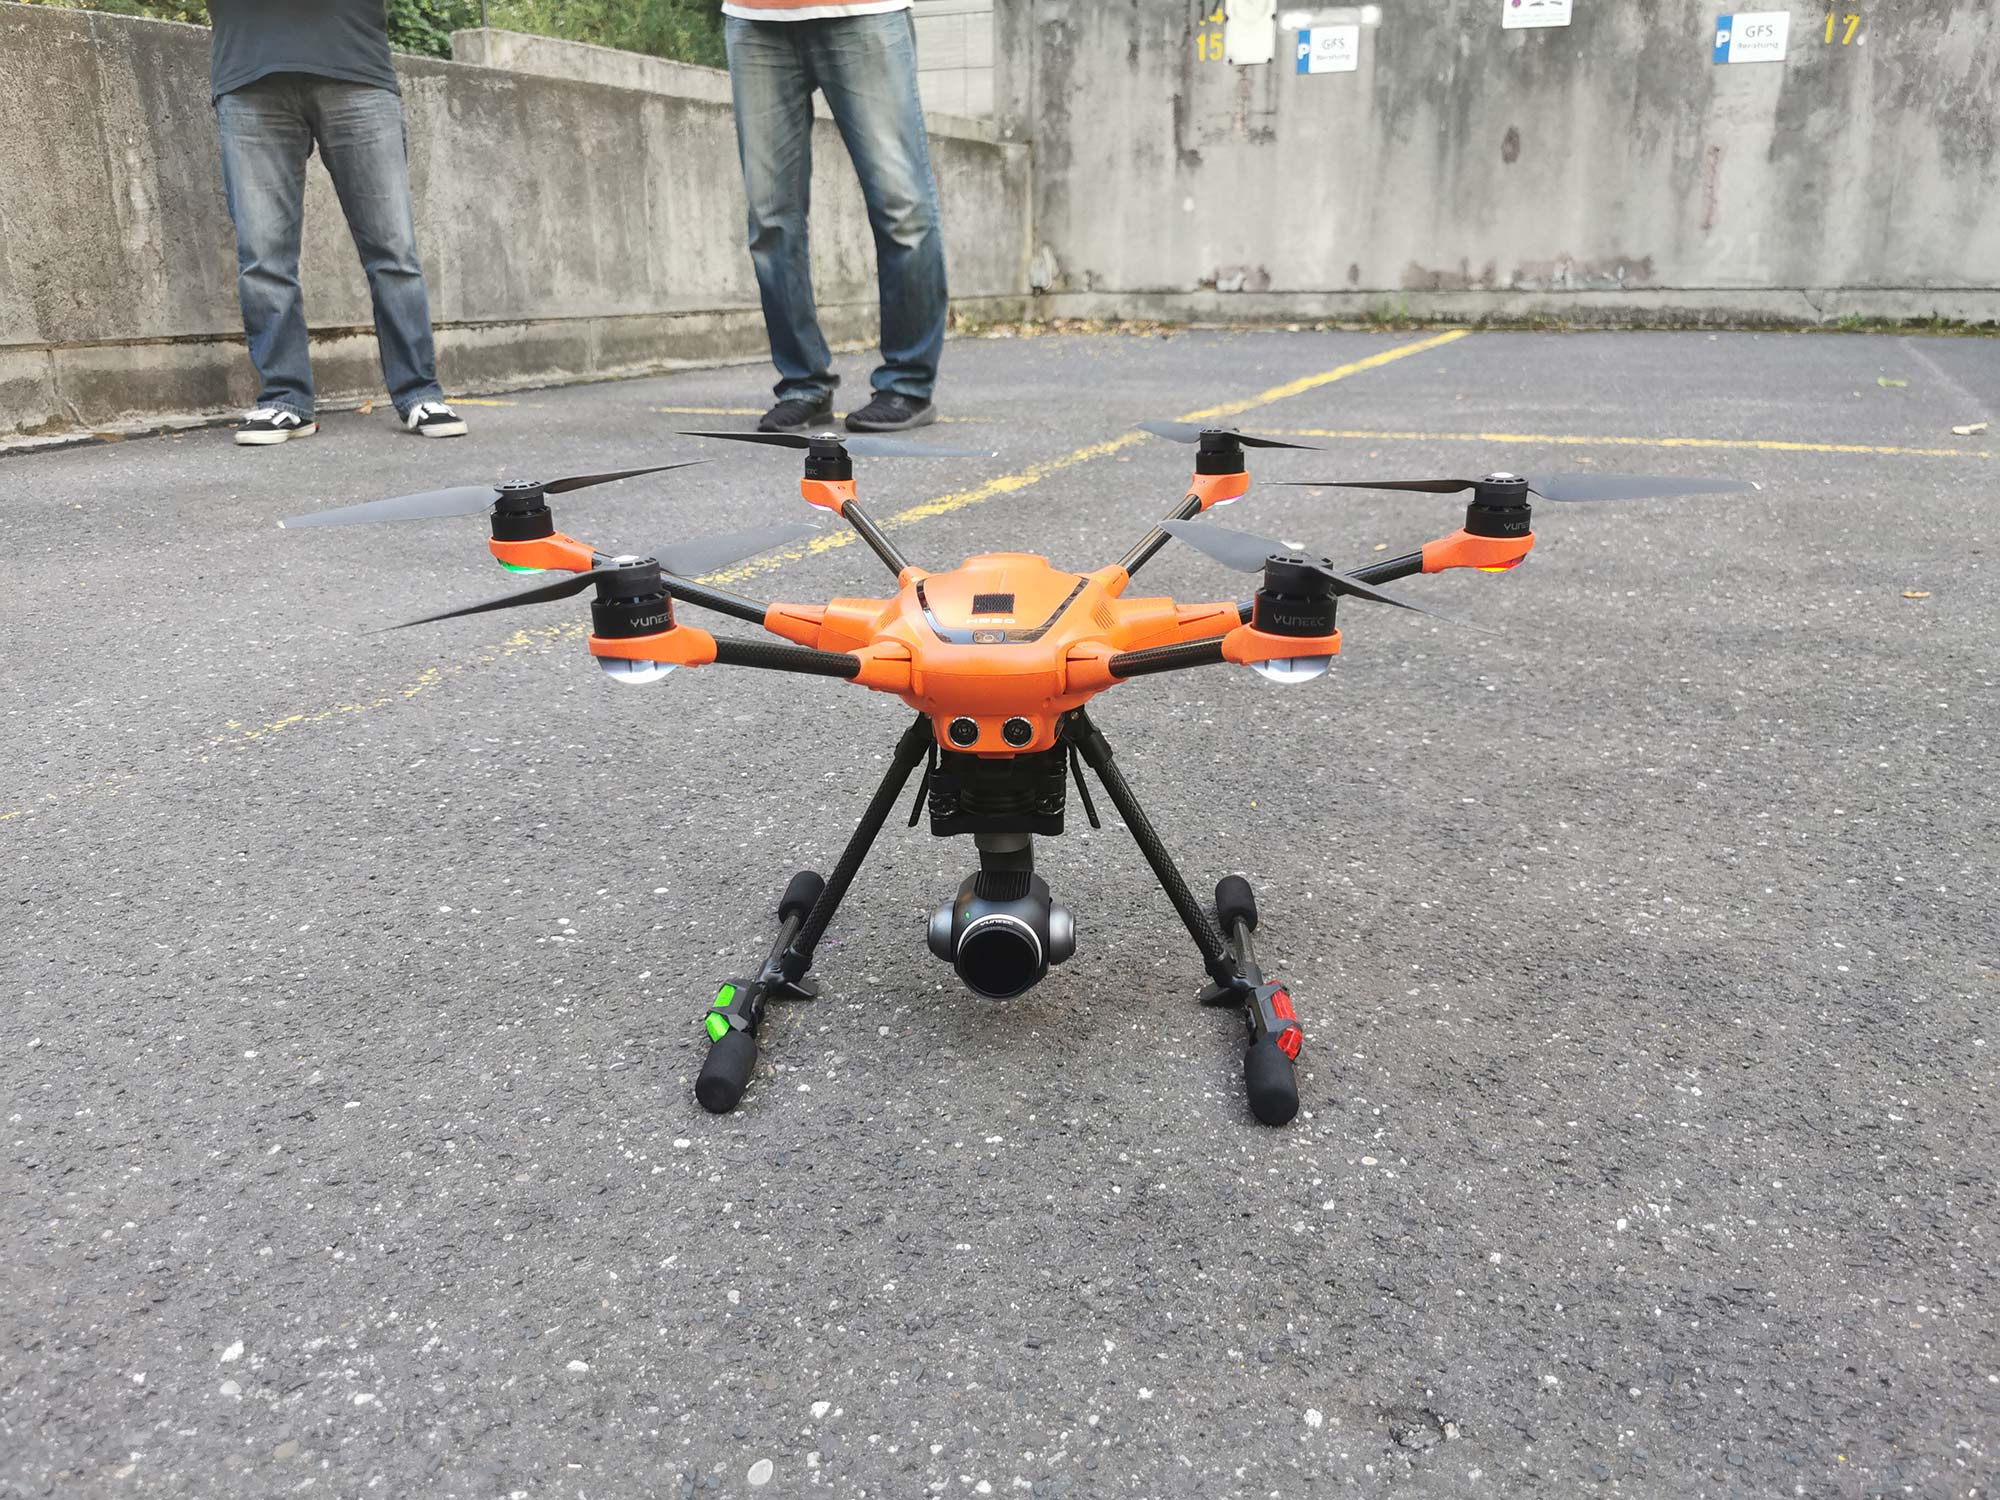 Drohne beim Drohnentreffen von SKYLINE ATLAS in Frankfurt - Meetup Drohnen Piloten